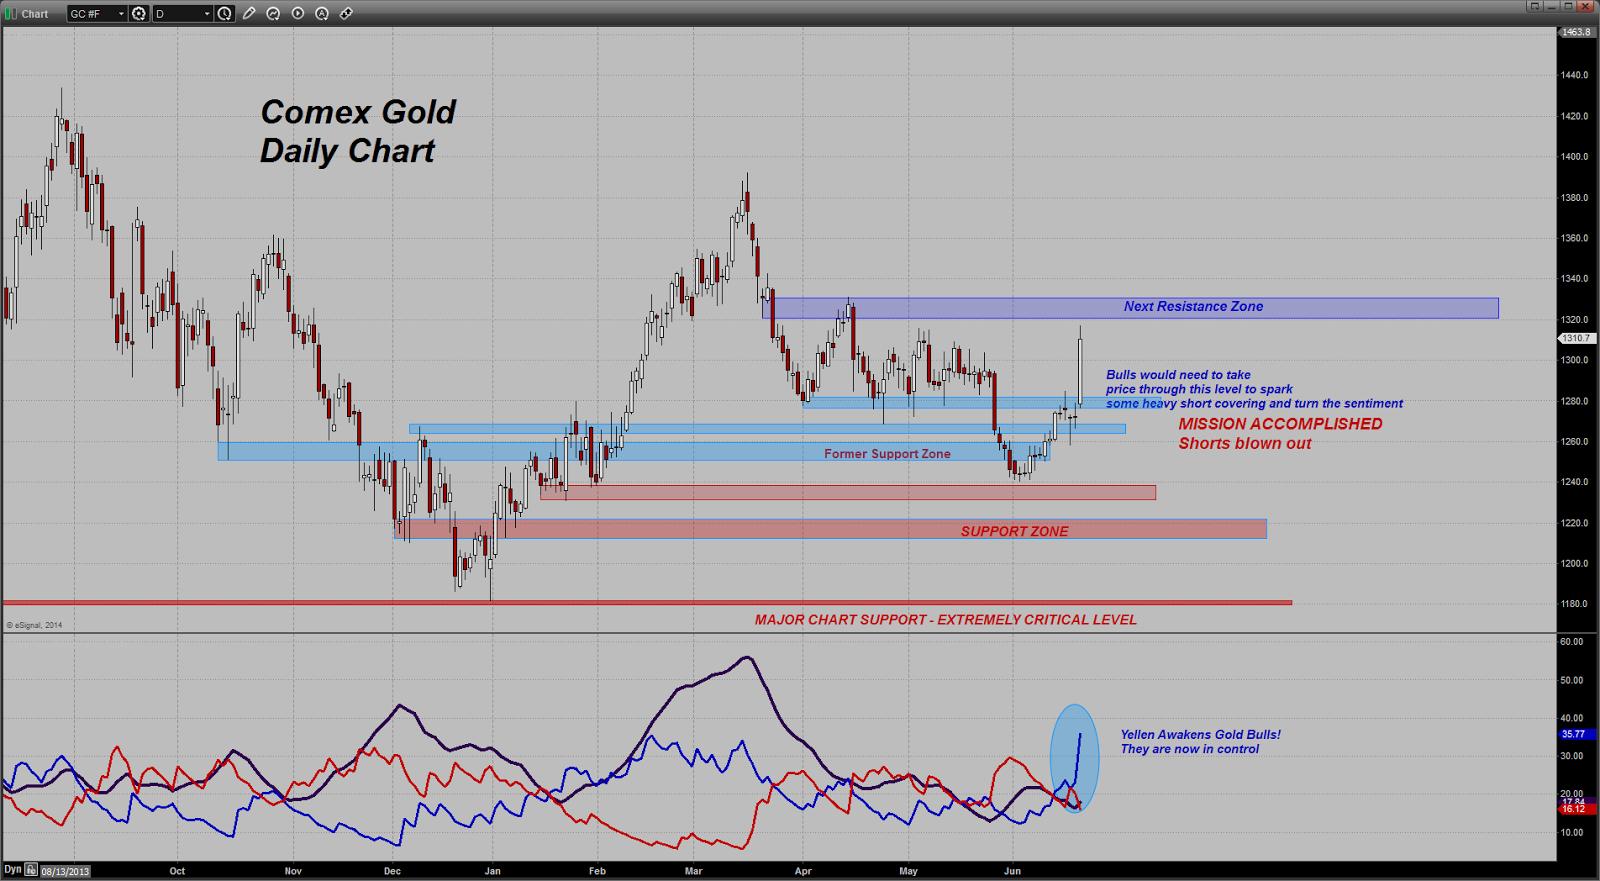 prix de l'or, de l'argent et des minières / suivi quotidien en clôture - Page 13 Chart20140619101848